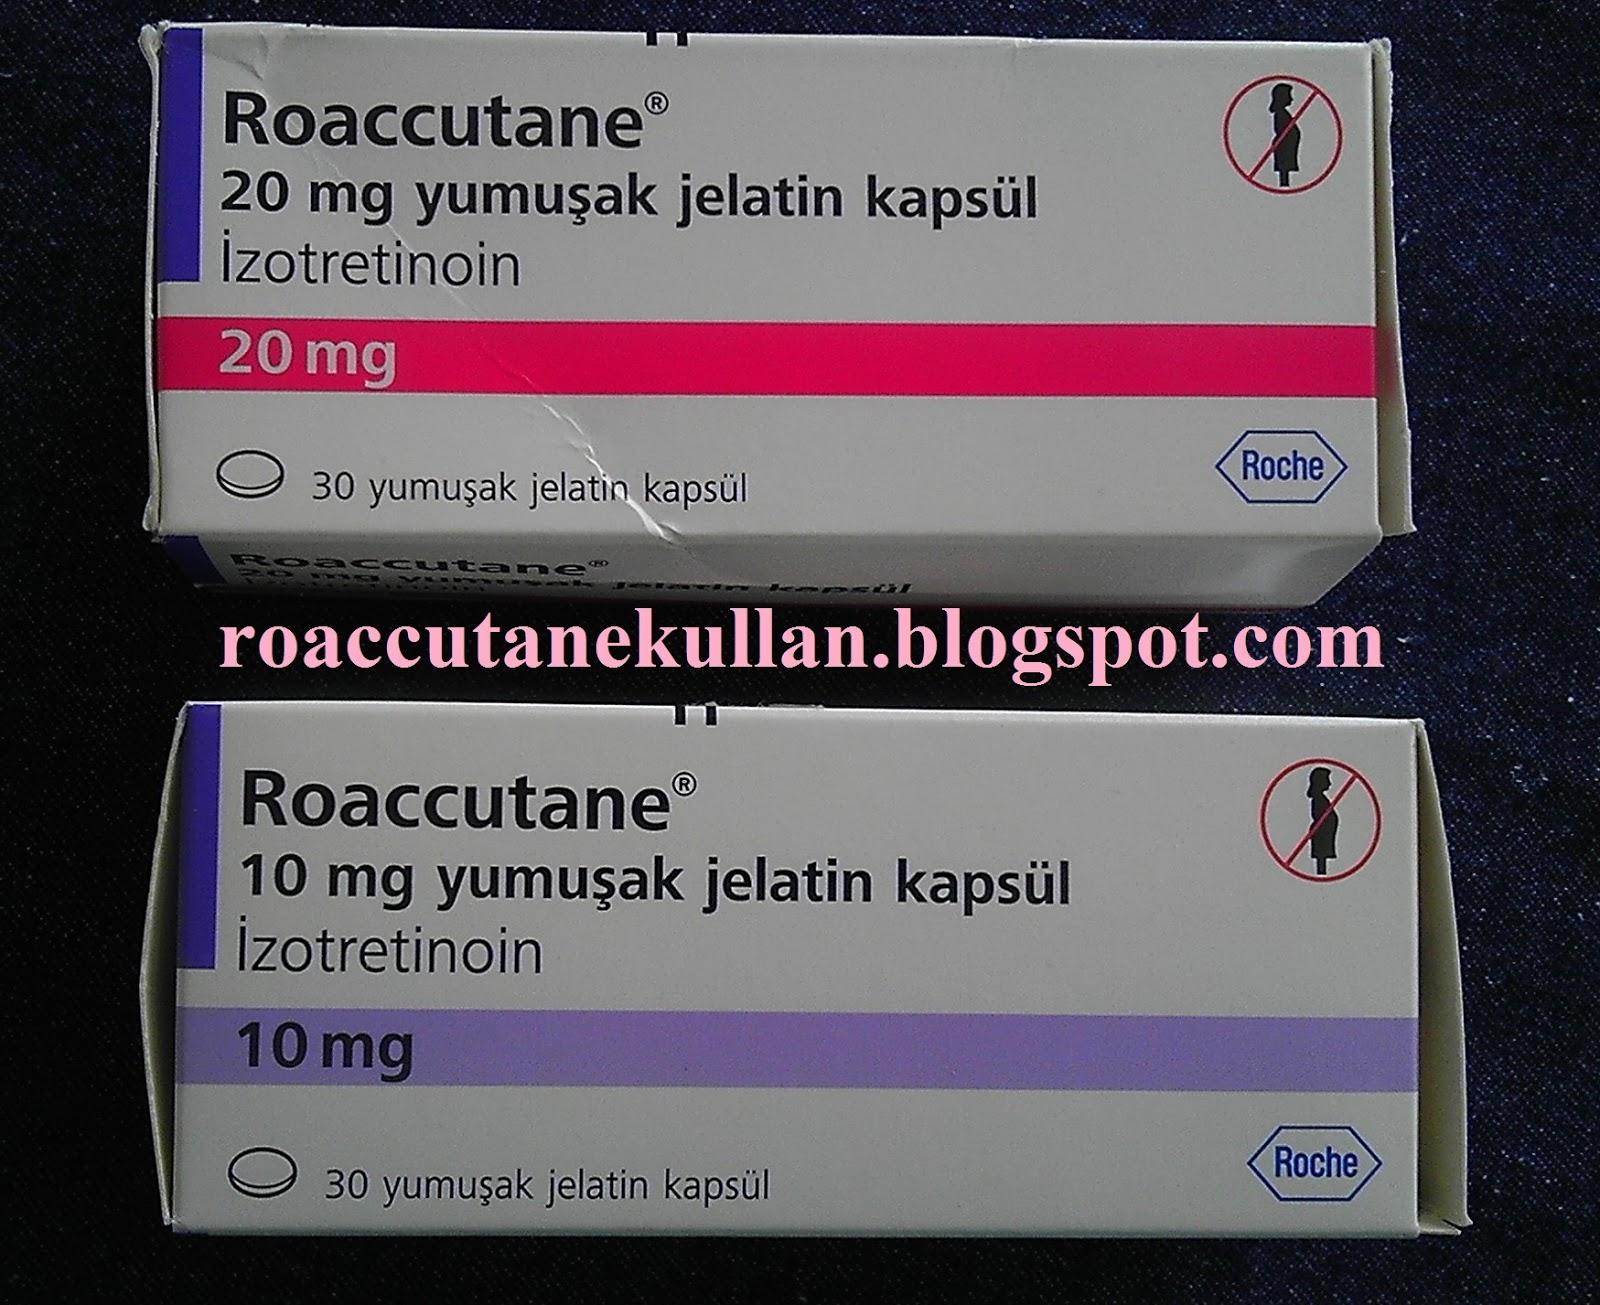 Yüzünde ve ilaçlarda sivilce ve sivilce için halk ilaçları